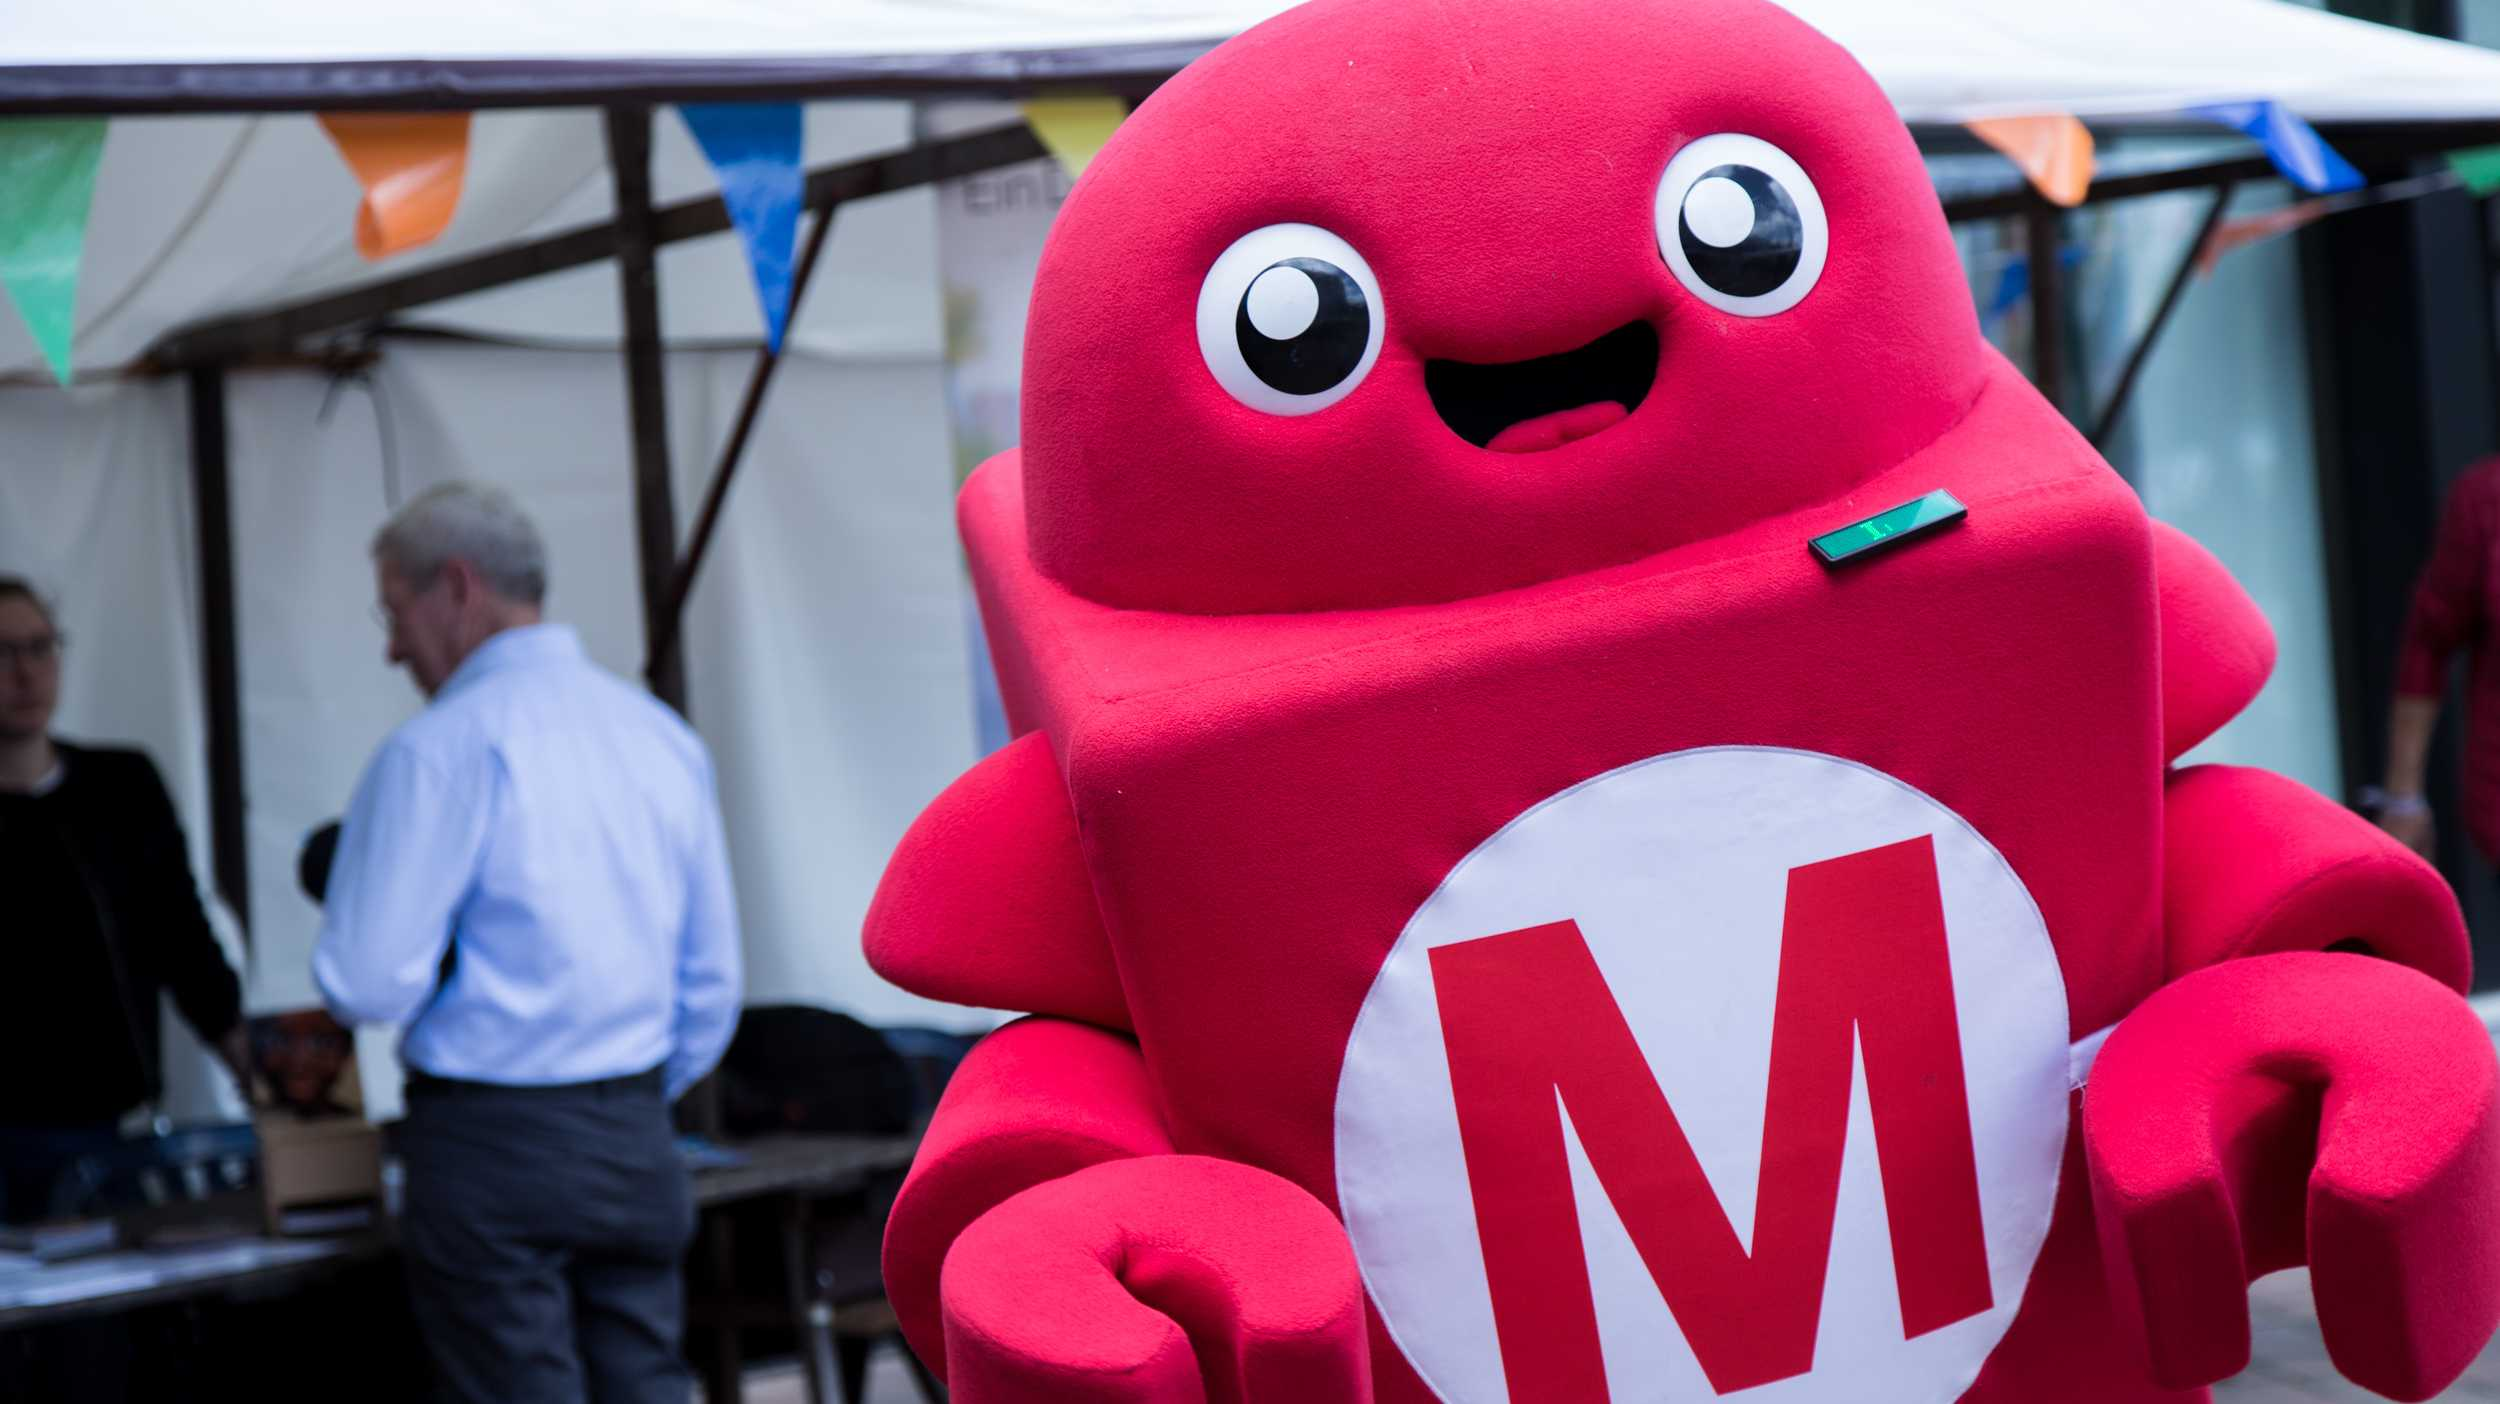 Ein lebensgroßer, roter Roboter aus Plüsch: Der Makey.